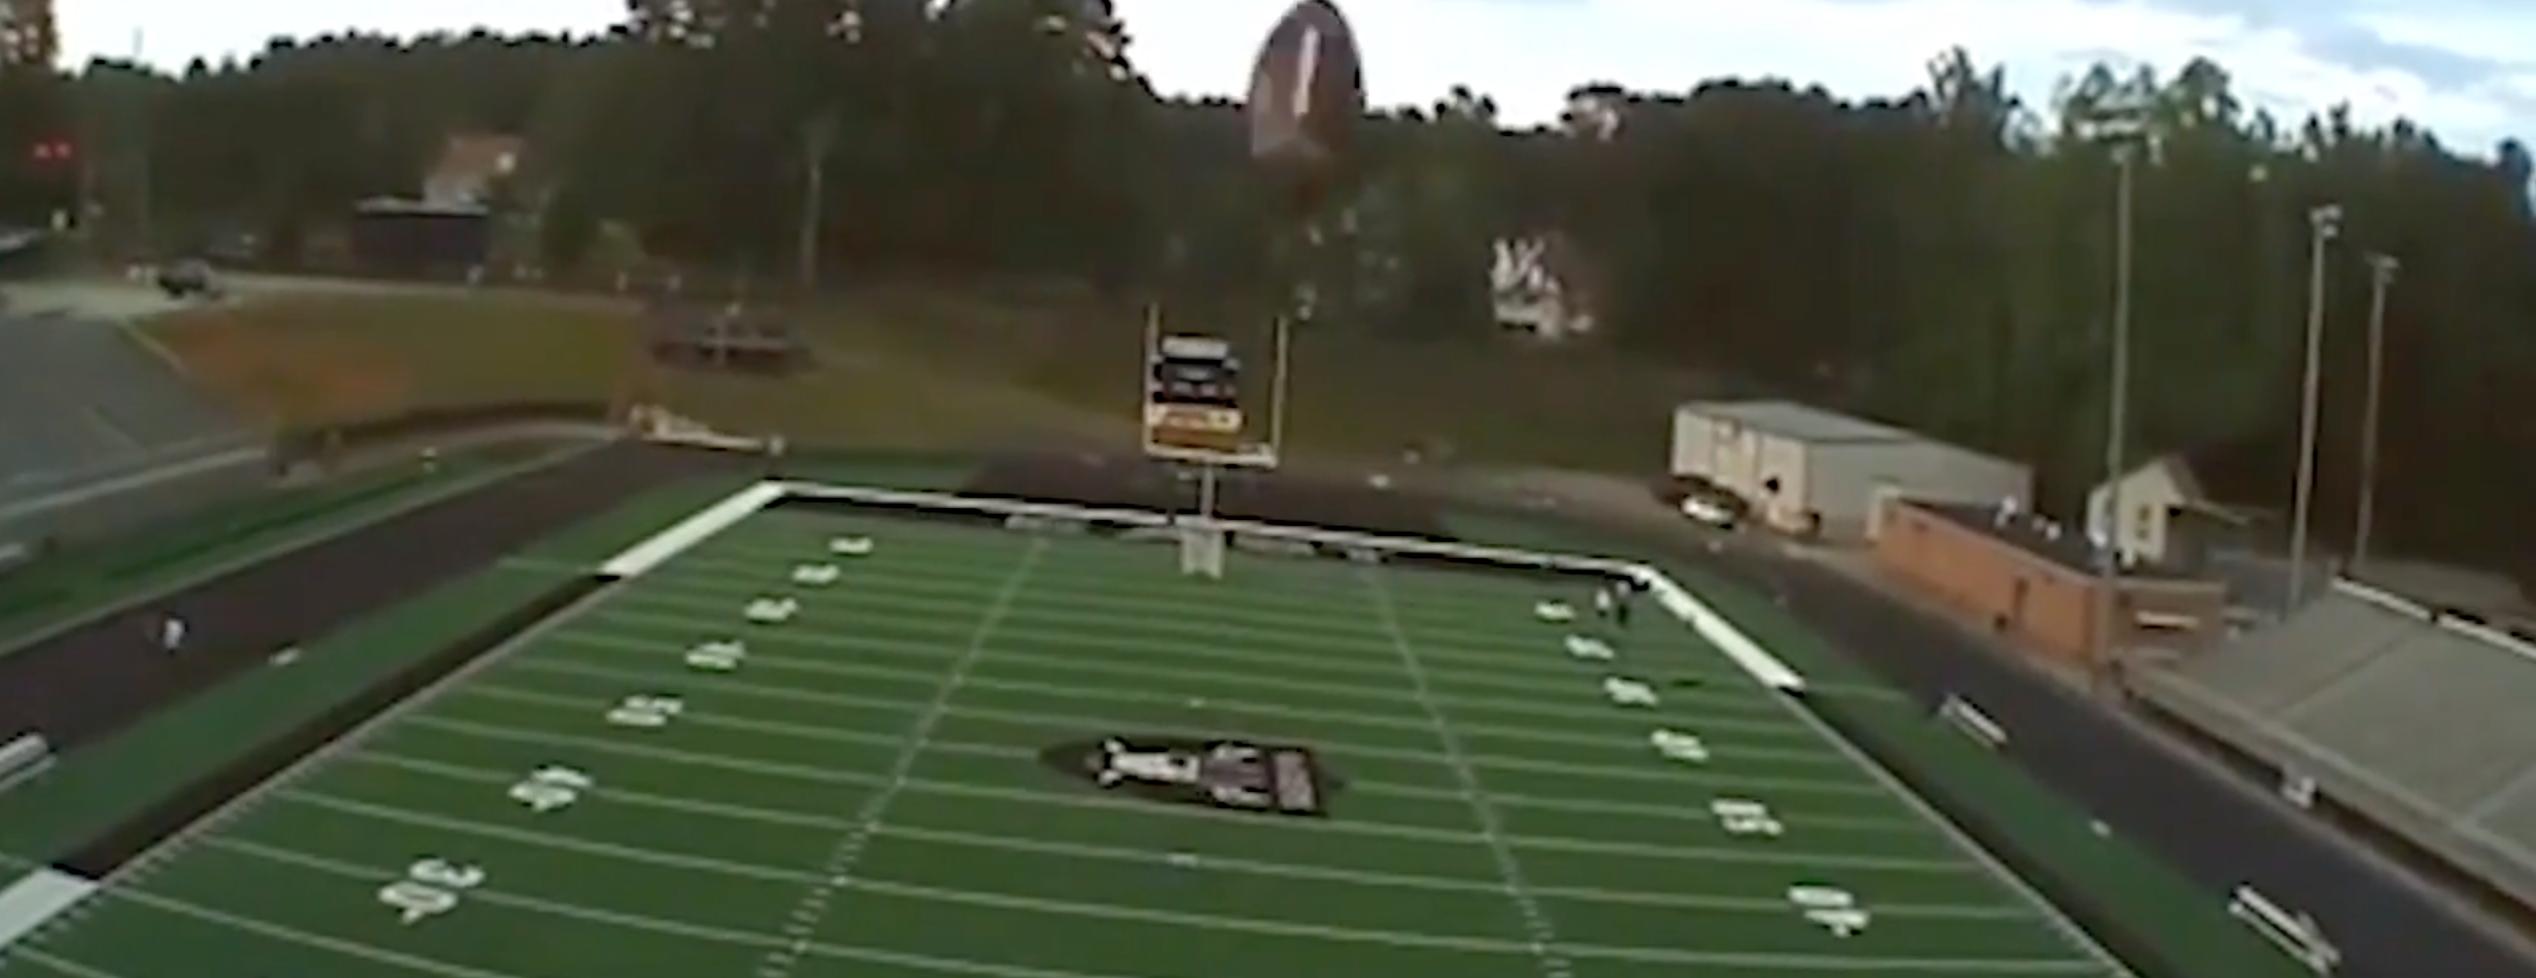 لاعب يُسقط طائرة بدون طيار بتسديدة